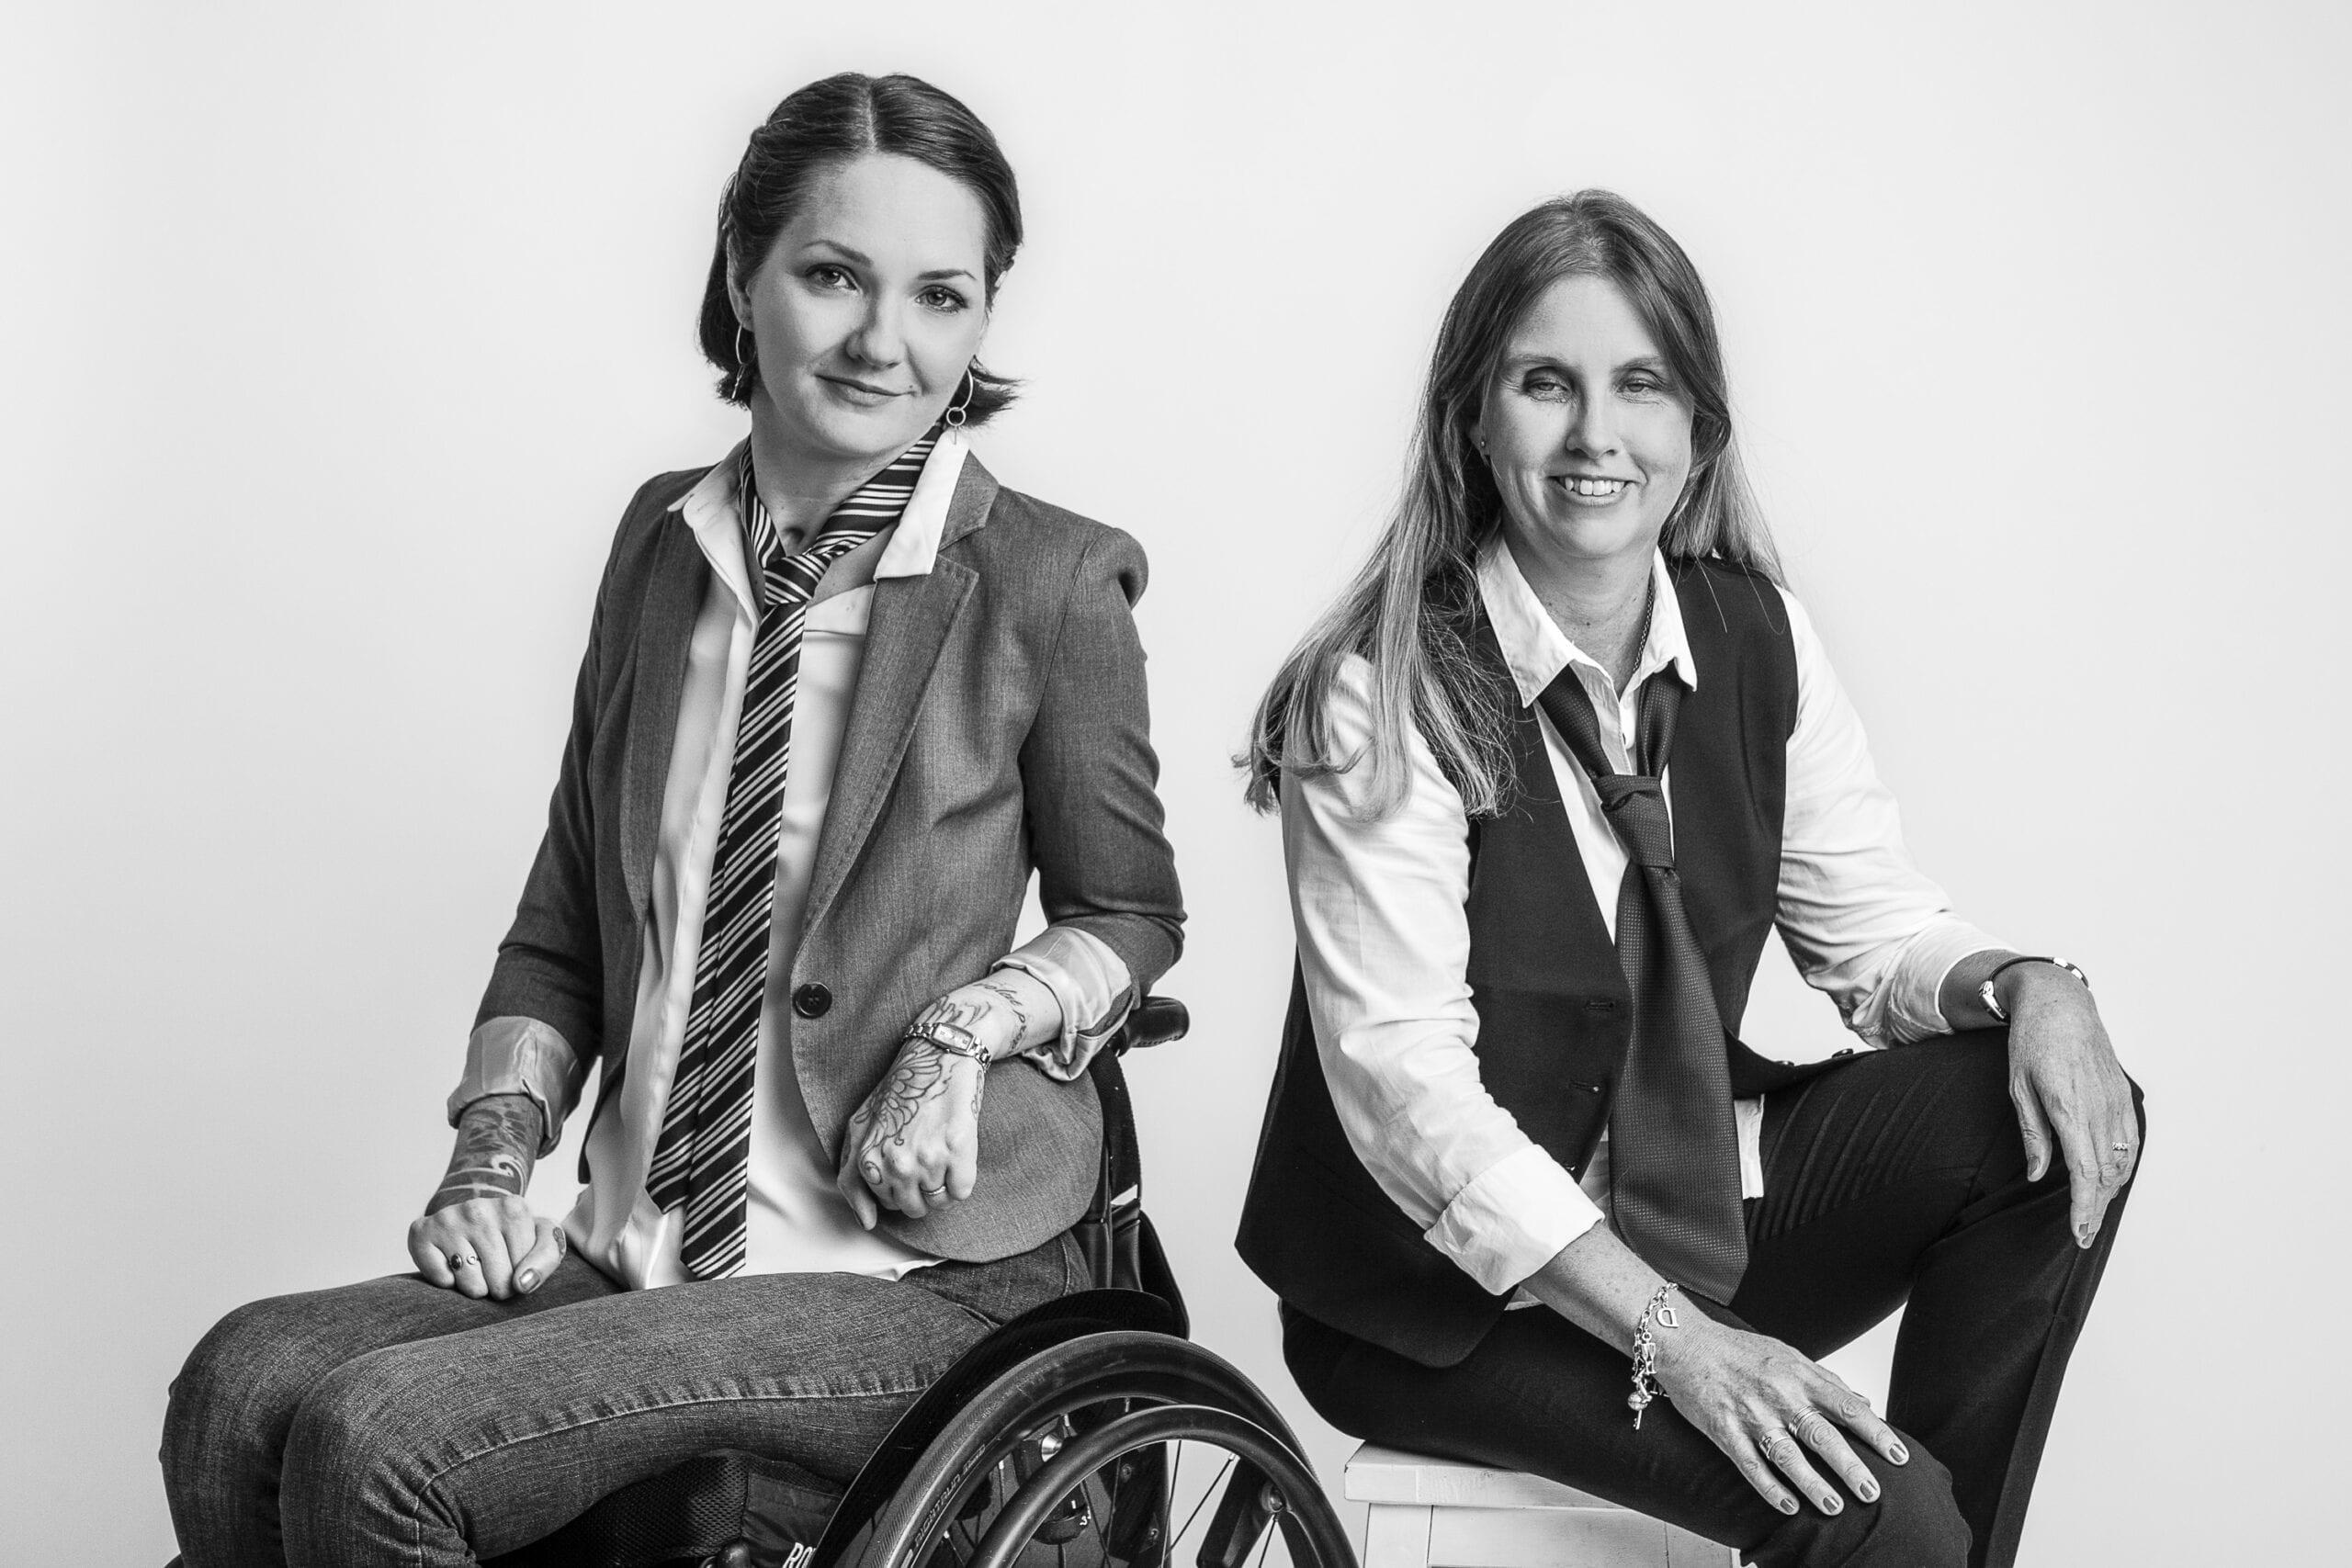 Svartvitt foto på Yasmin Nilson och Anna Bergholtz. De sitter med ryggarna mot varandra, kollar in i kameran och ler. Yasmin sitter i rullstol, har kavaj, randig slips, vit skjorta och jeans. Anna har vit skjorta, svart slips, svart väst och svarta kostymbyxor.